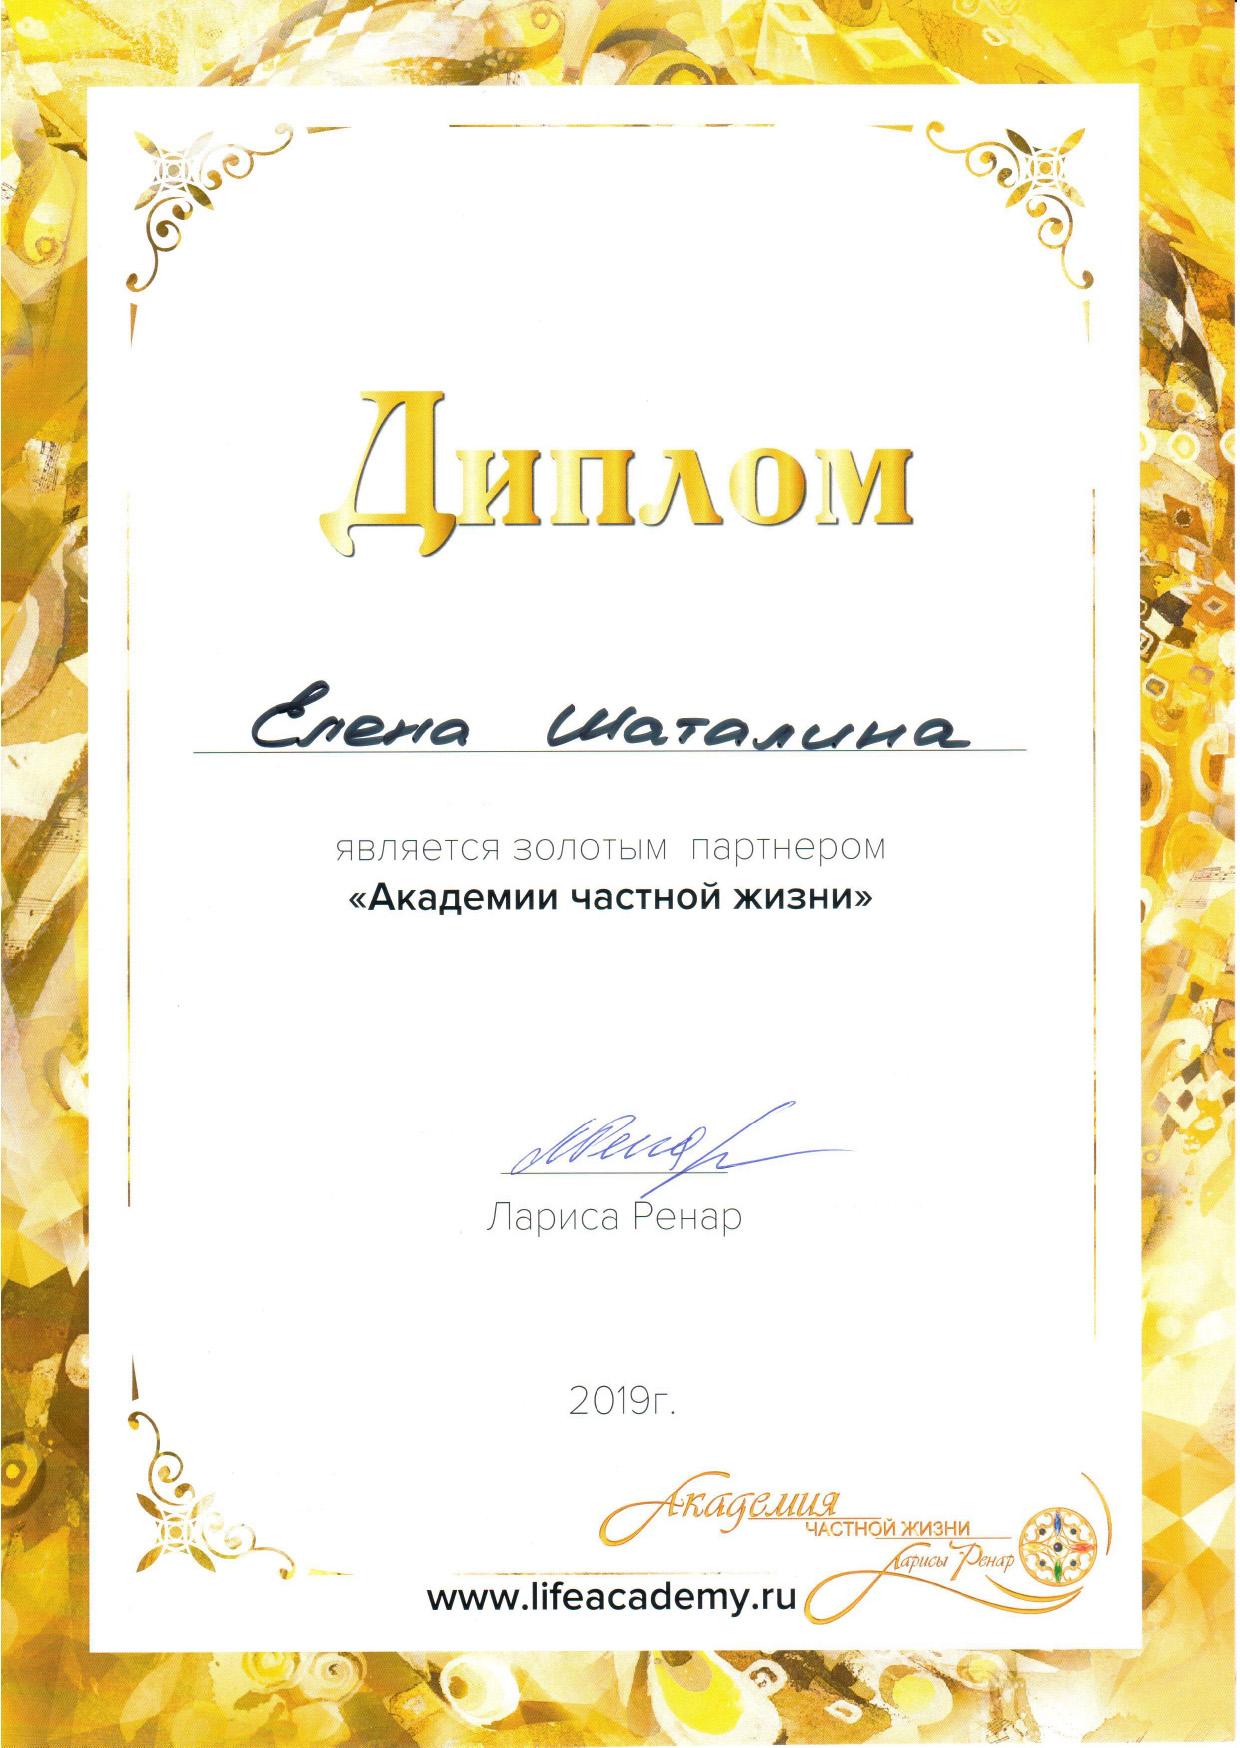 Елена Шаталина